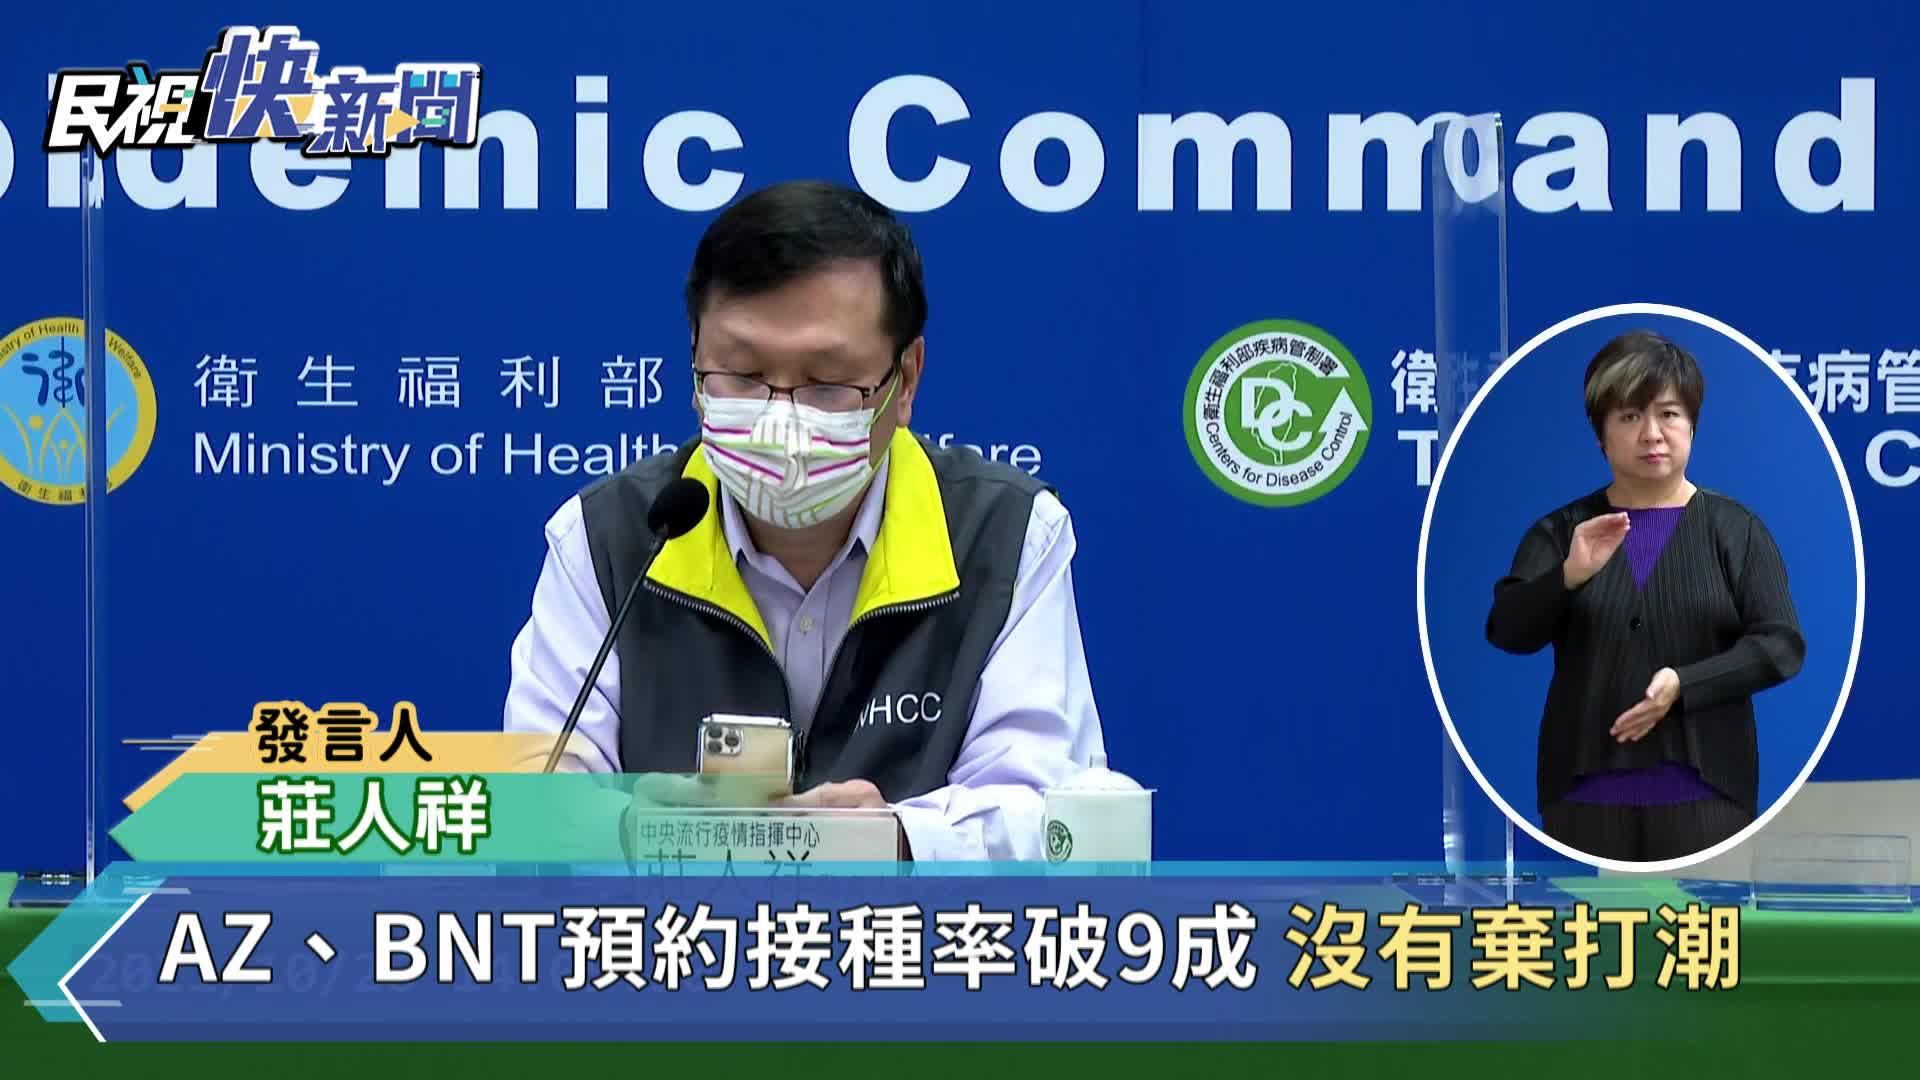 快新聞/AZ、BNT預約接種率破9成! 莊人祥:沒有大家所想的棄打潮